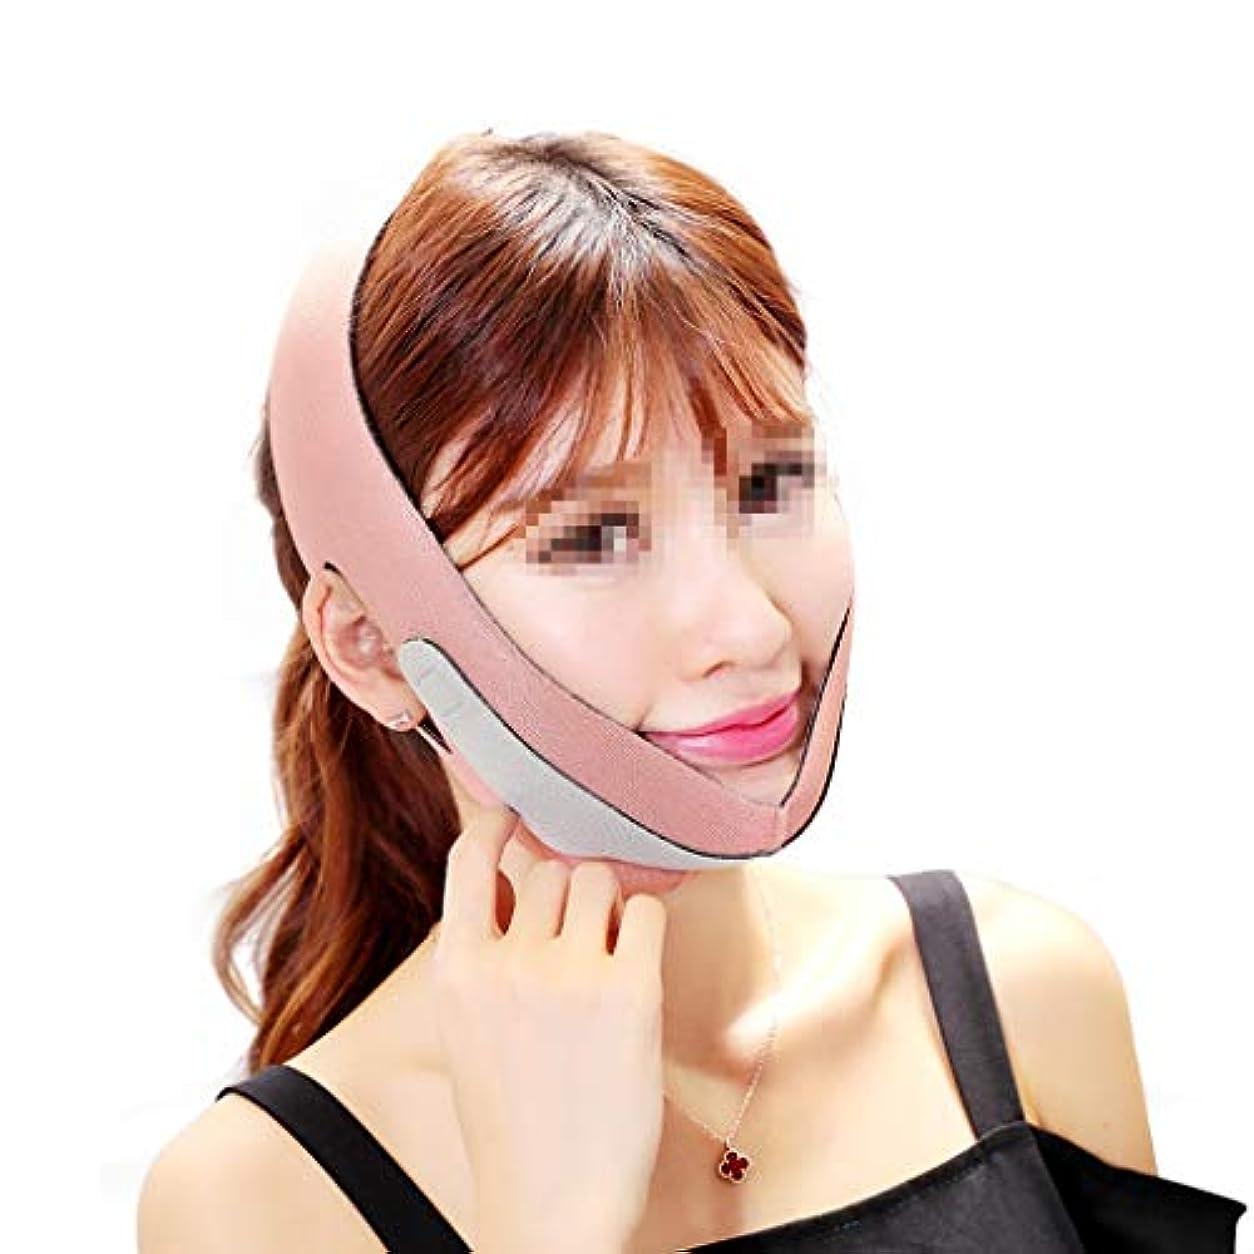 可能区画空中XHLMRMJ フェイスリフトマスク、小さなVフェイス睡眠包帯マスクシンダブルチンリフト引き締め肌